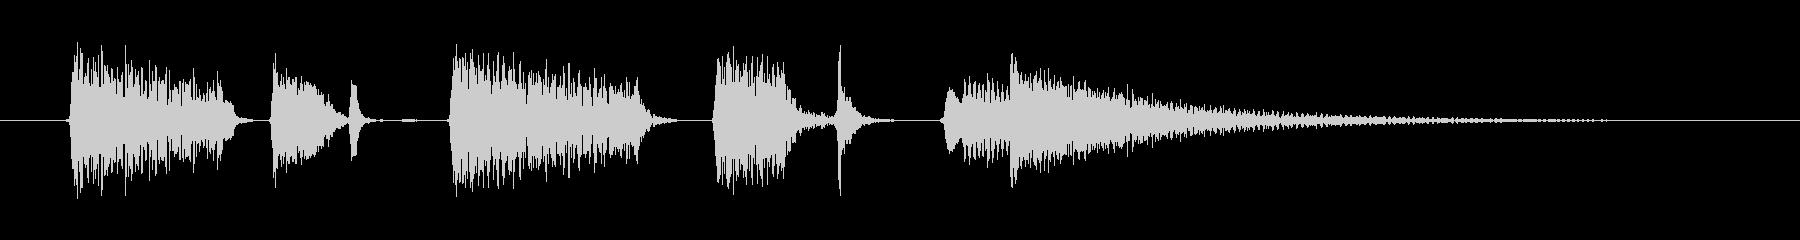 切ないアコギのジングルの未再生の波形